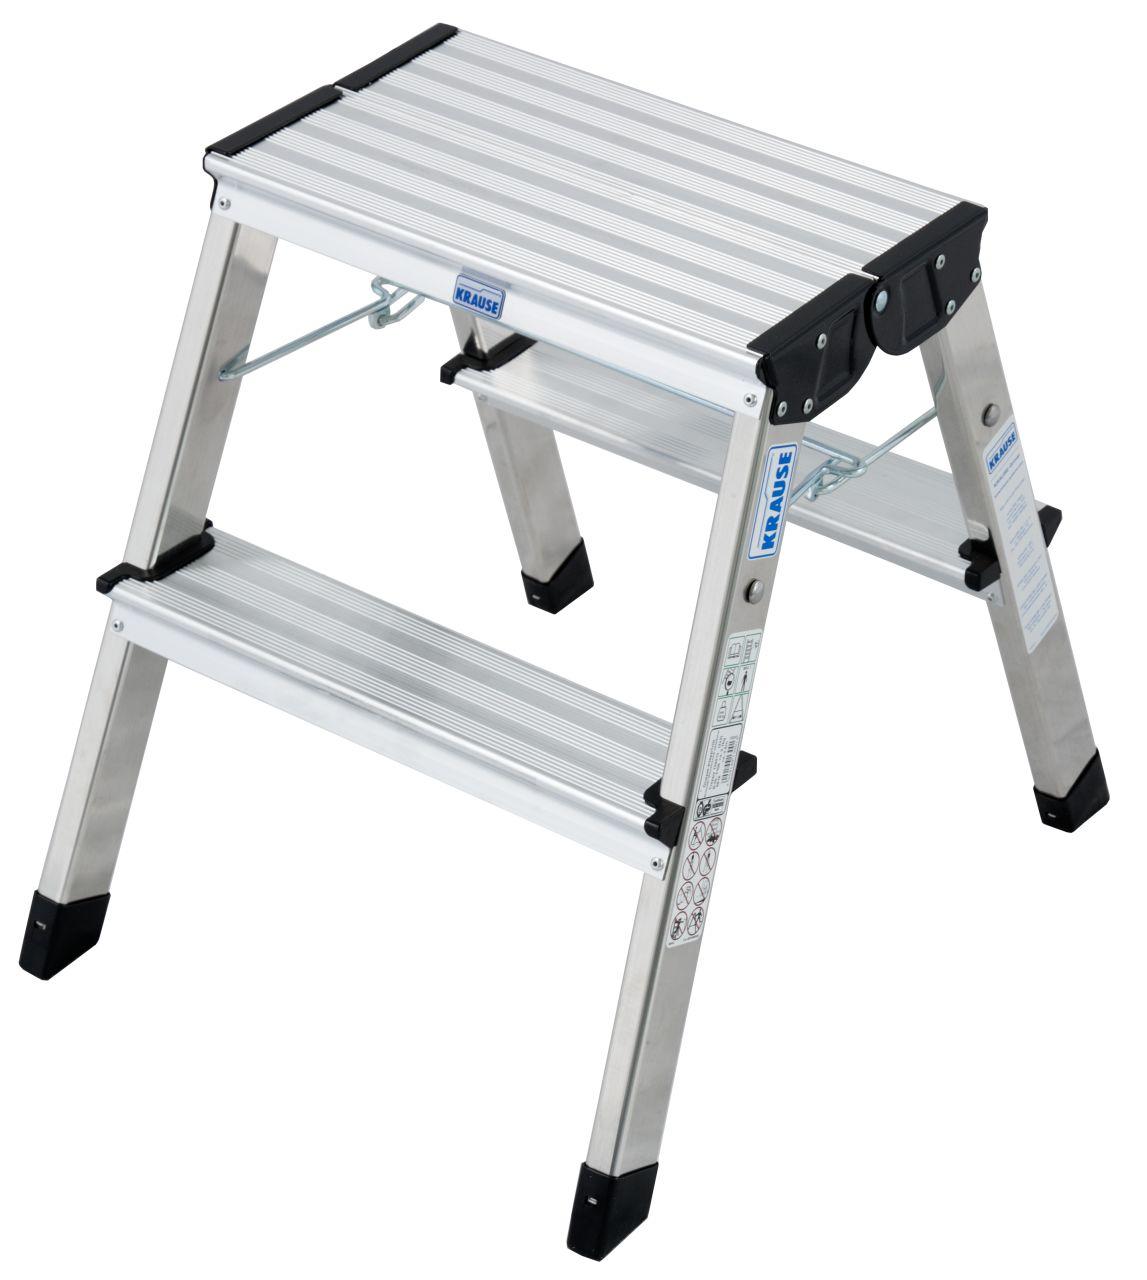 Doppel-Klapptritt Treppy. Der leichte und stabile Aluminium-Tritt mit großer Standfläche